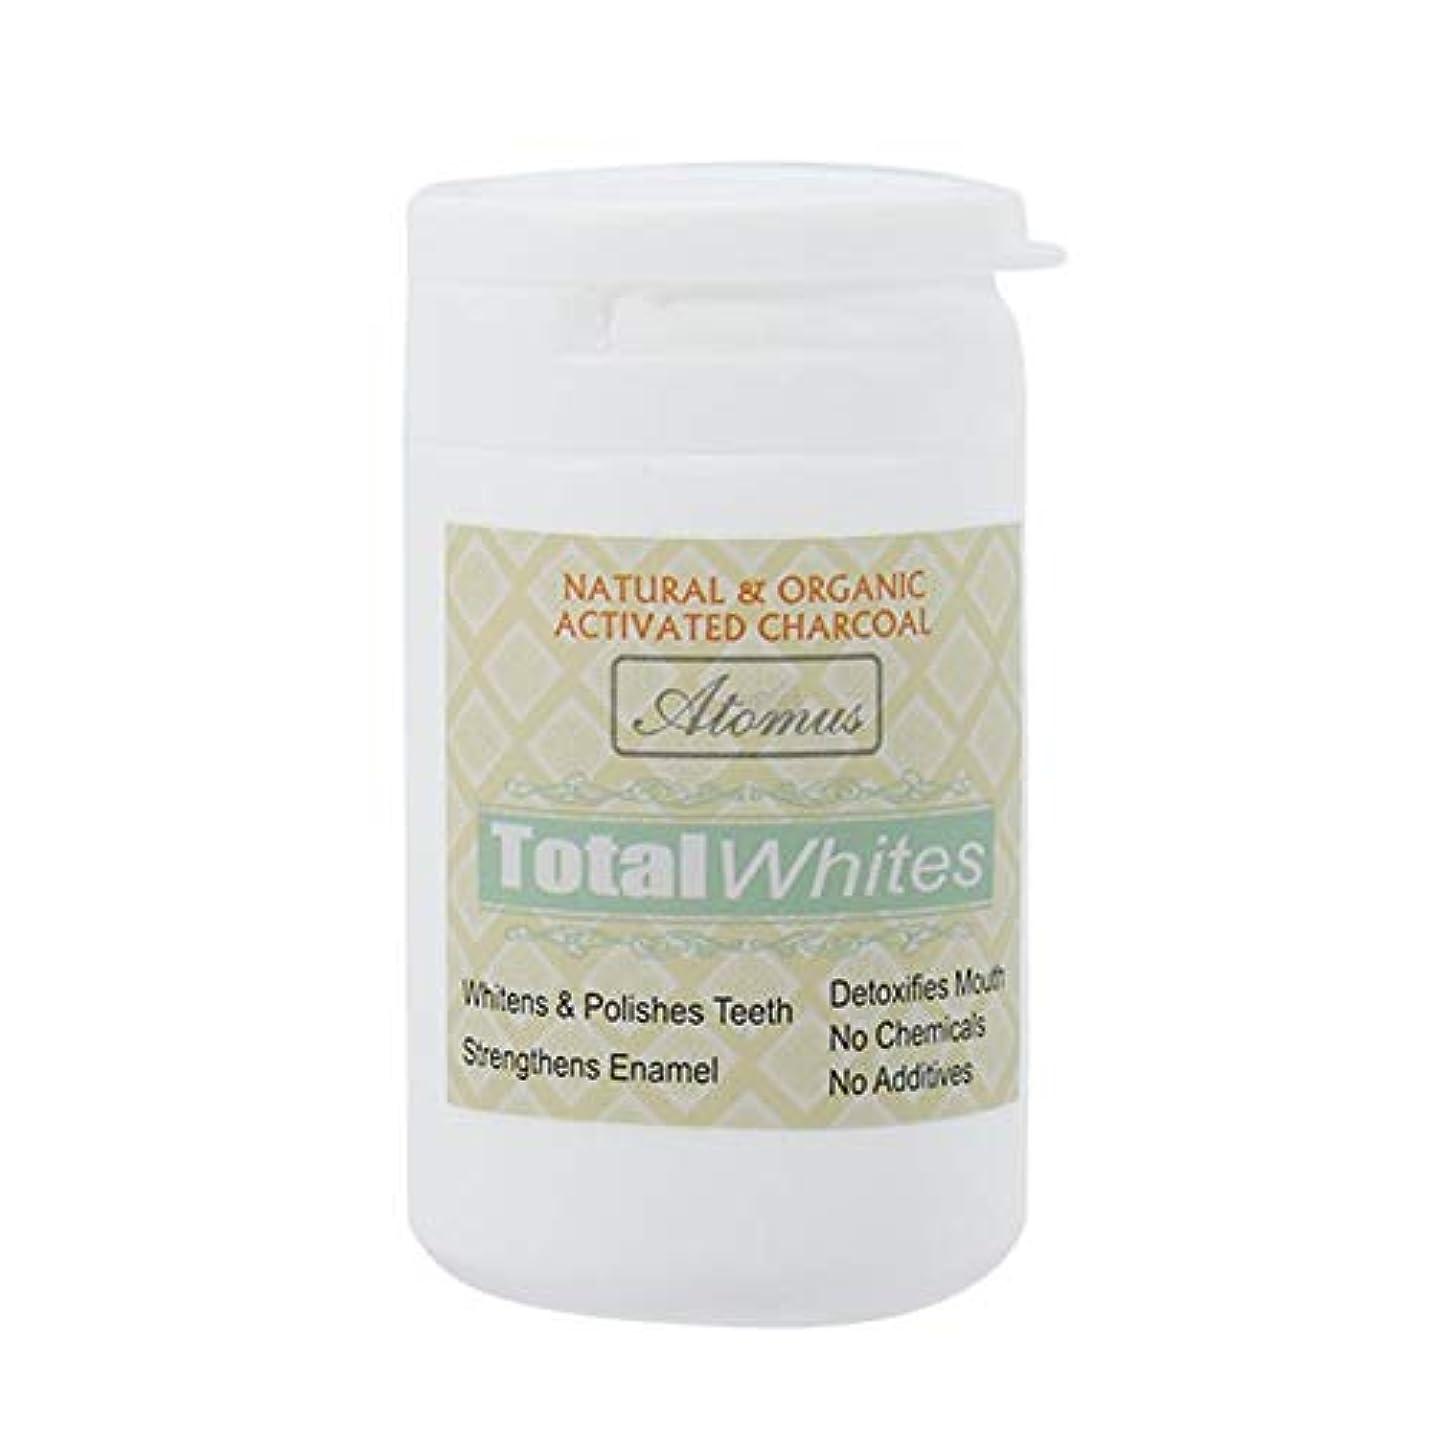 苦ジェームズダイソン危険な歯のホワイトニングパウダー、活性炭の歯のホワイトナーパウダー - 有機安全で効果的なホワイトナーの解決策 - ホワイトニングの歯とフレッシュな息